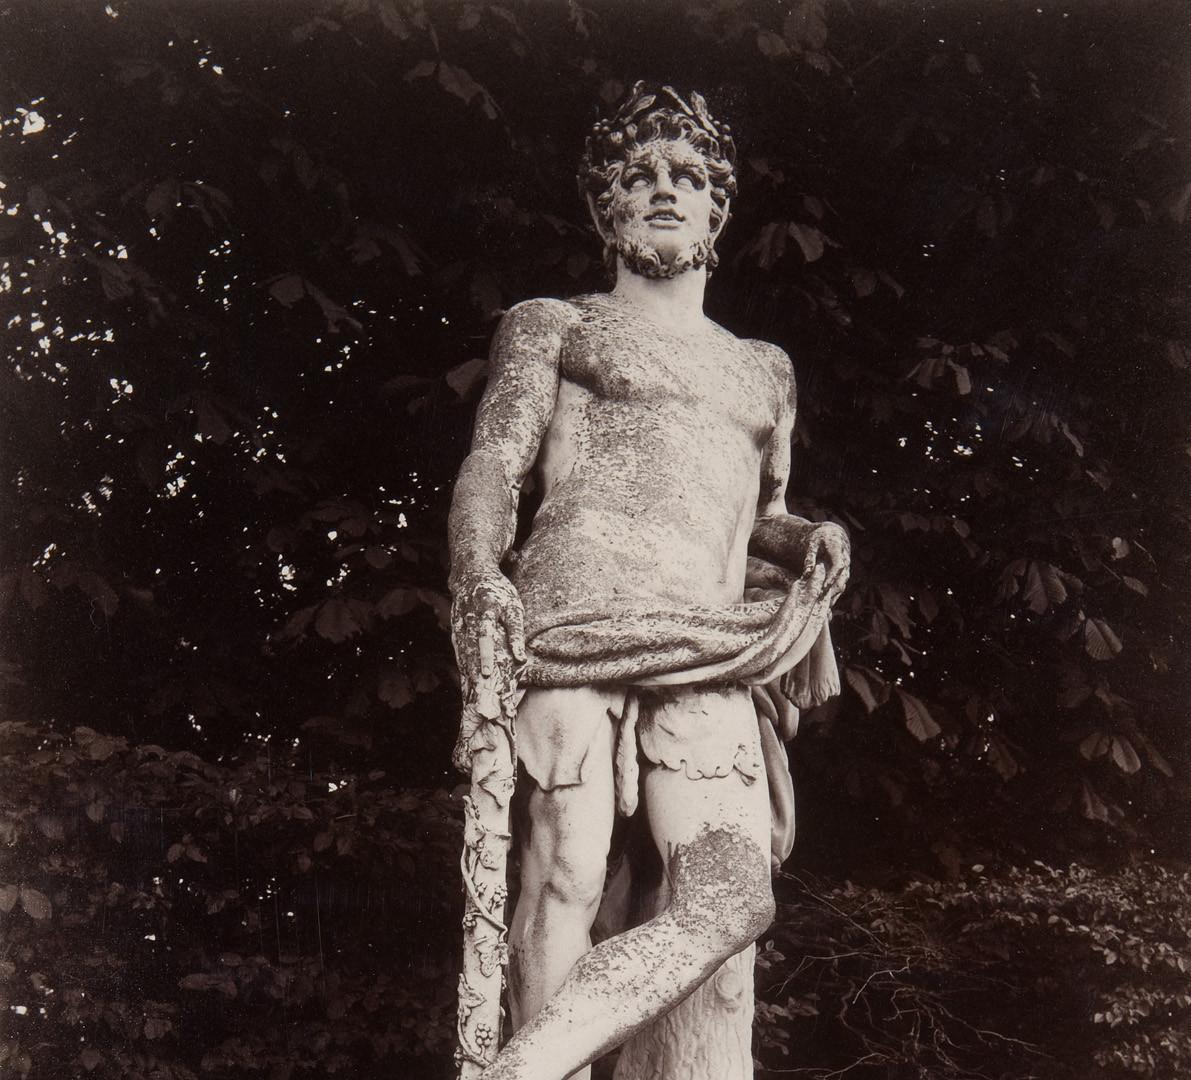 Eugène Atget (French, 1857-1927), Versailles (Poème Satirique), c. 1910